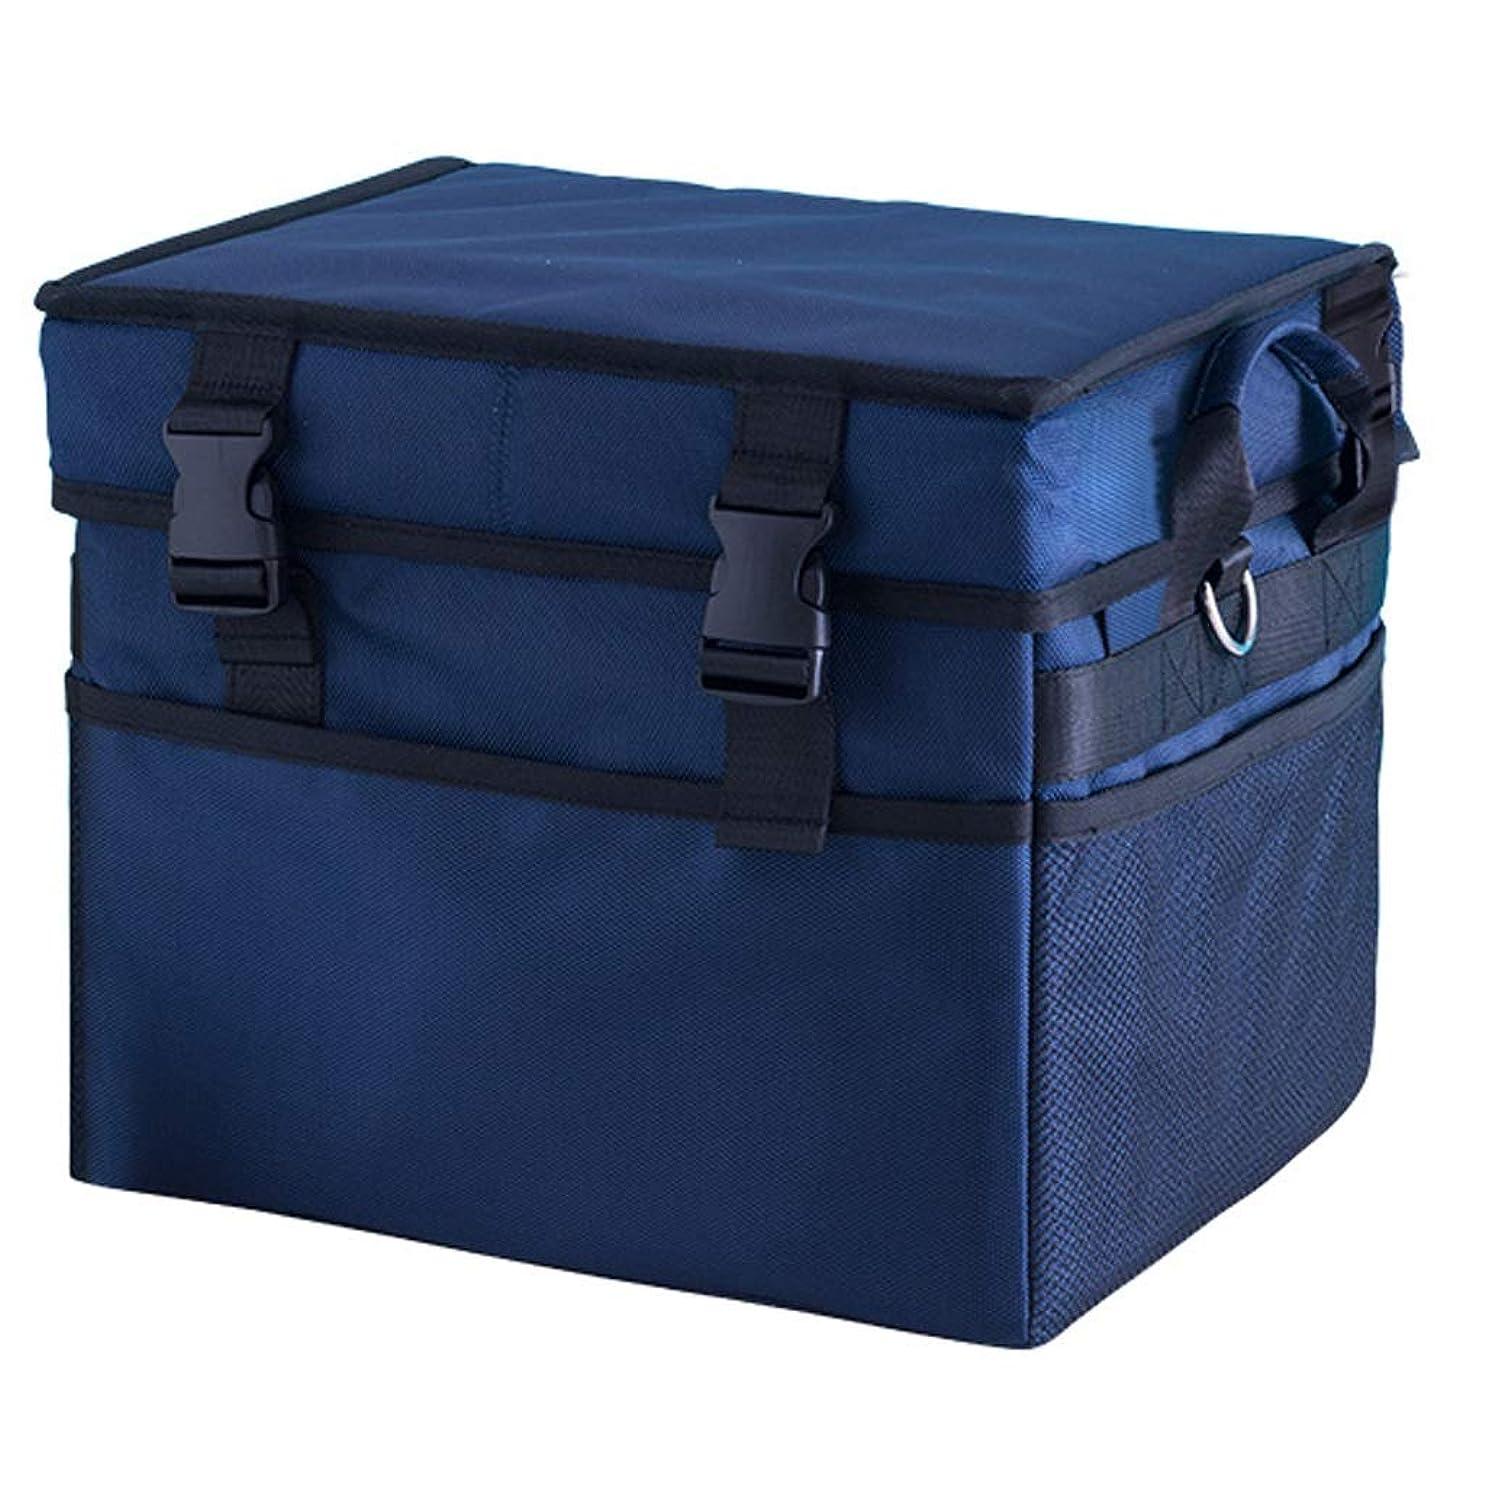 要旨元に戻す動揺させる冷却パッケージベントバッグ携帯用断熱バッグ防水アルミホイルBaolongシーフード新鮮なアイスパック (Size : 28L)